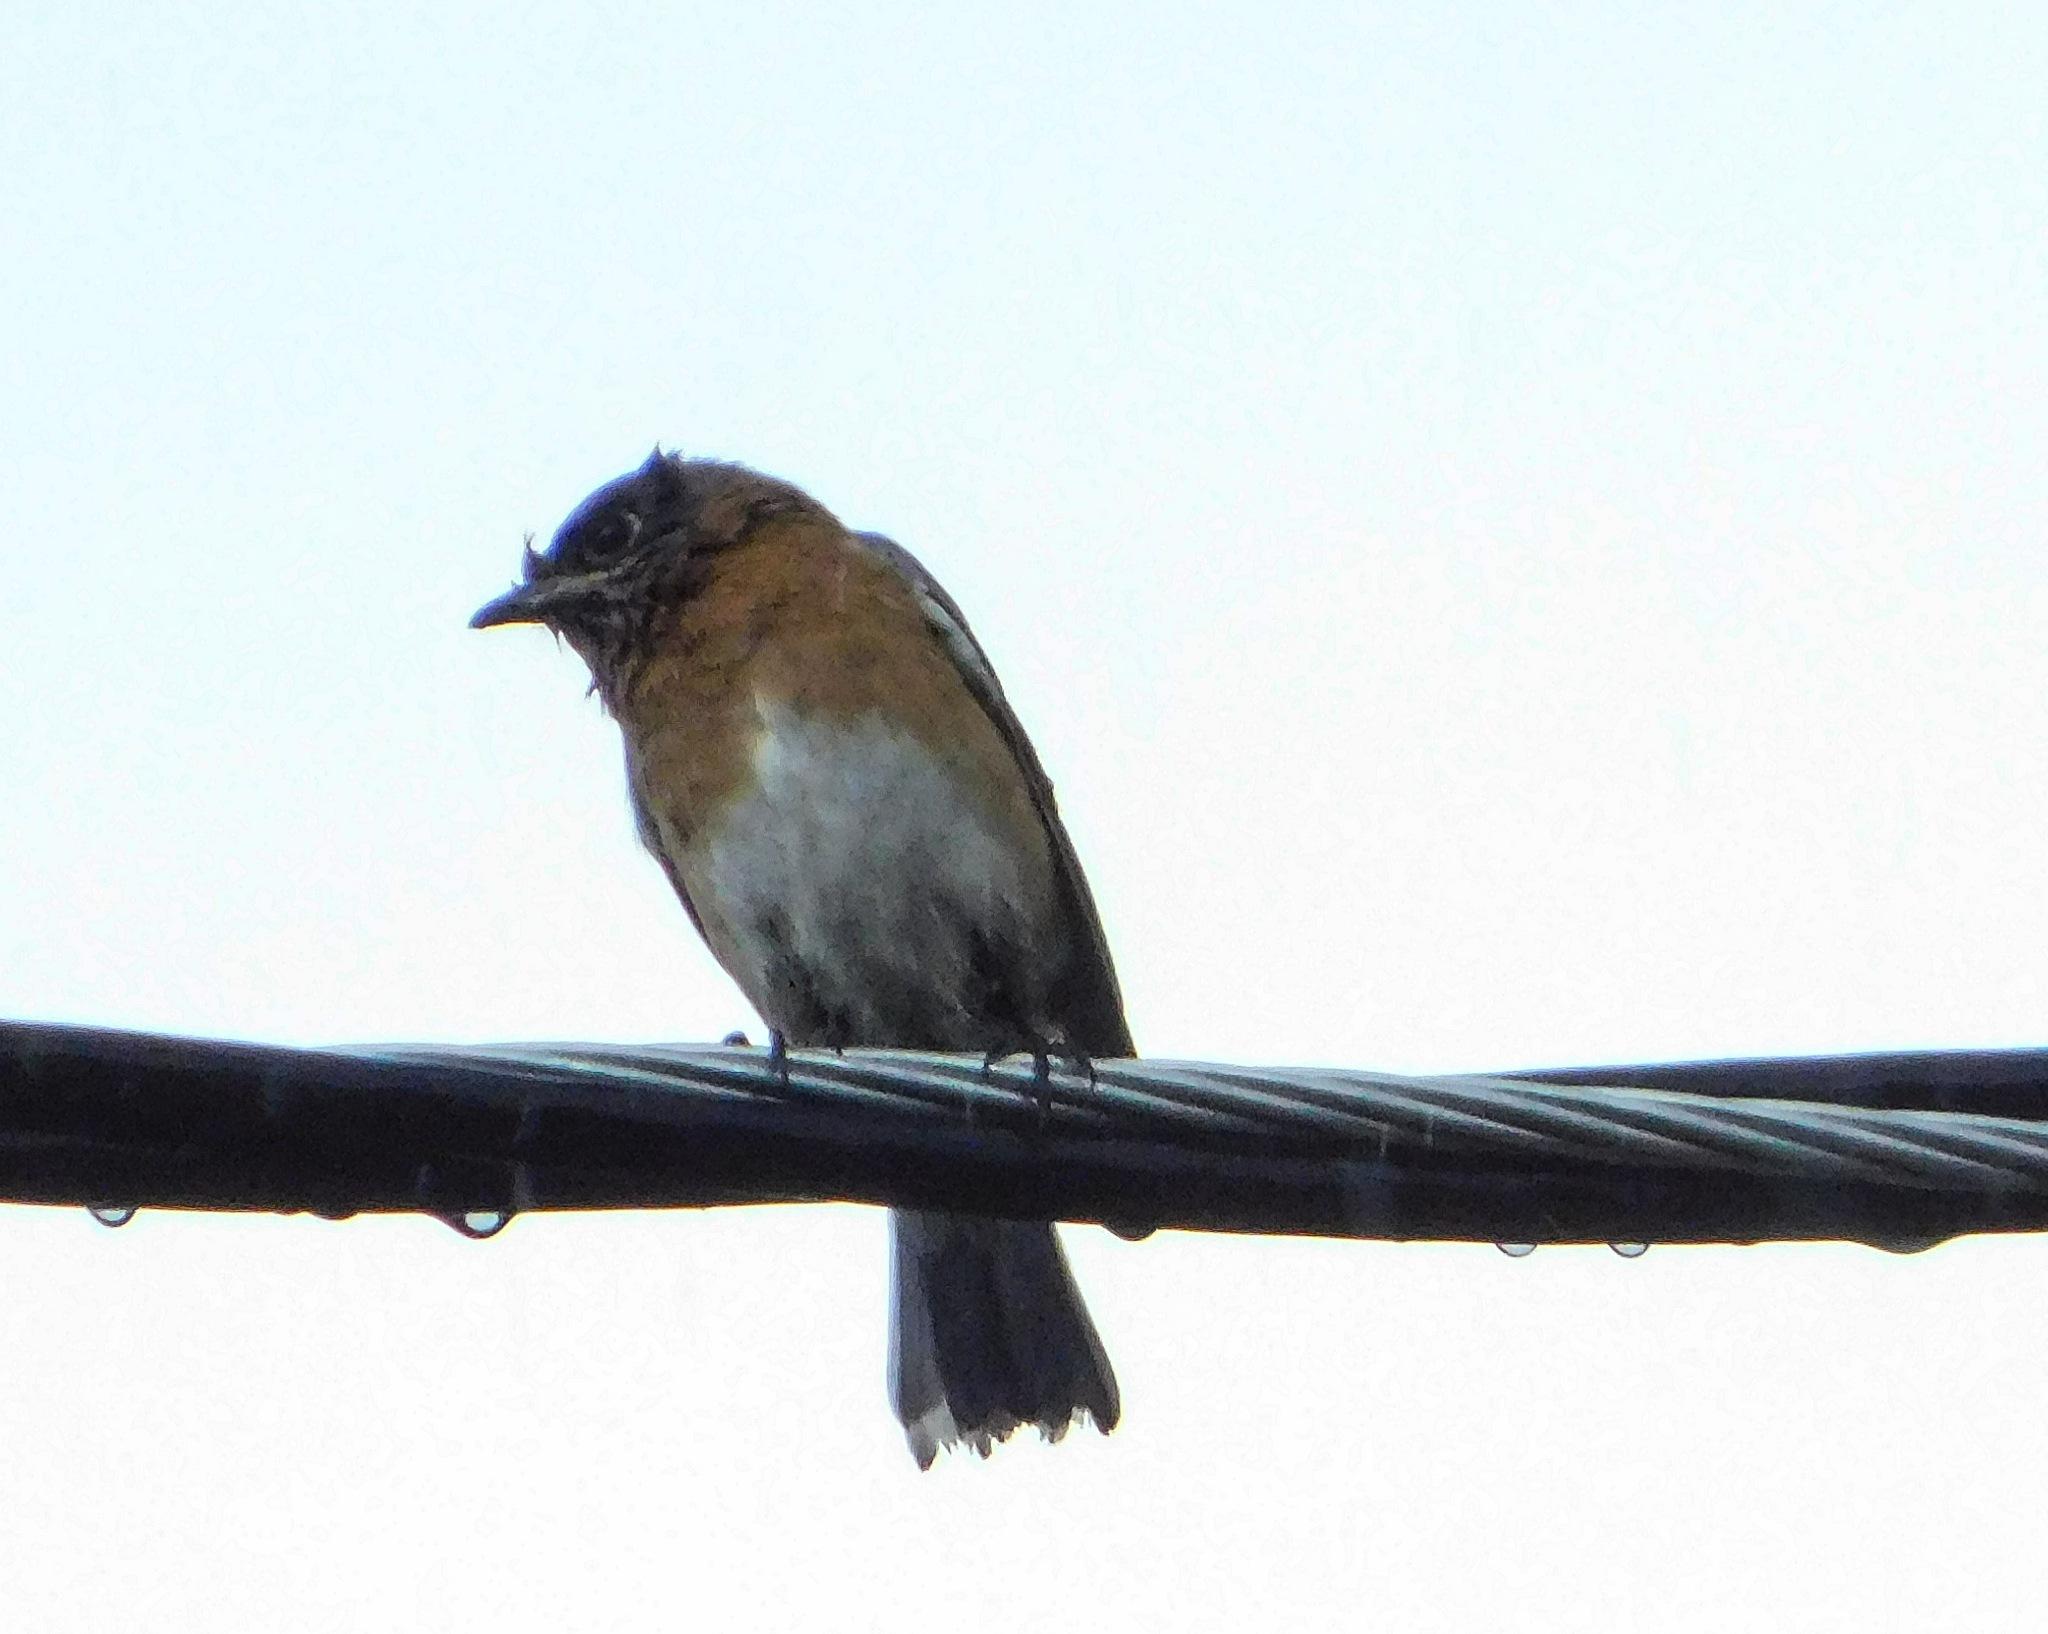 eastern bluebird by amanda b.